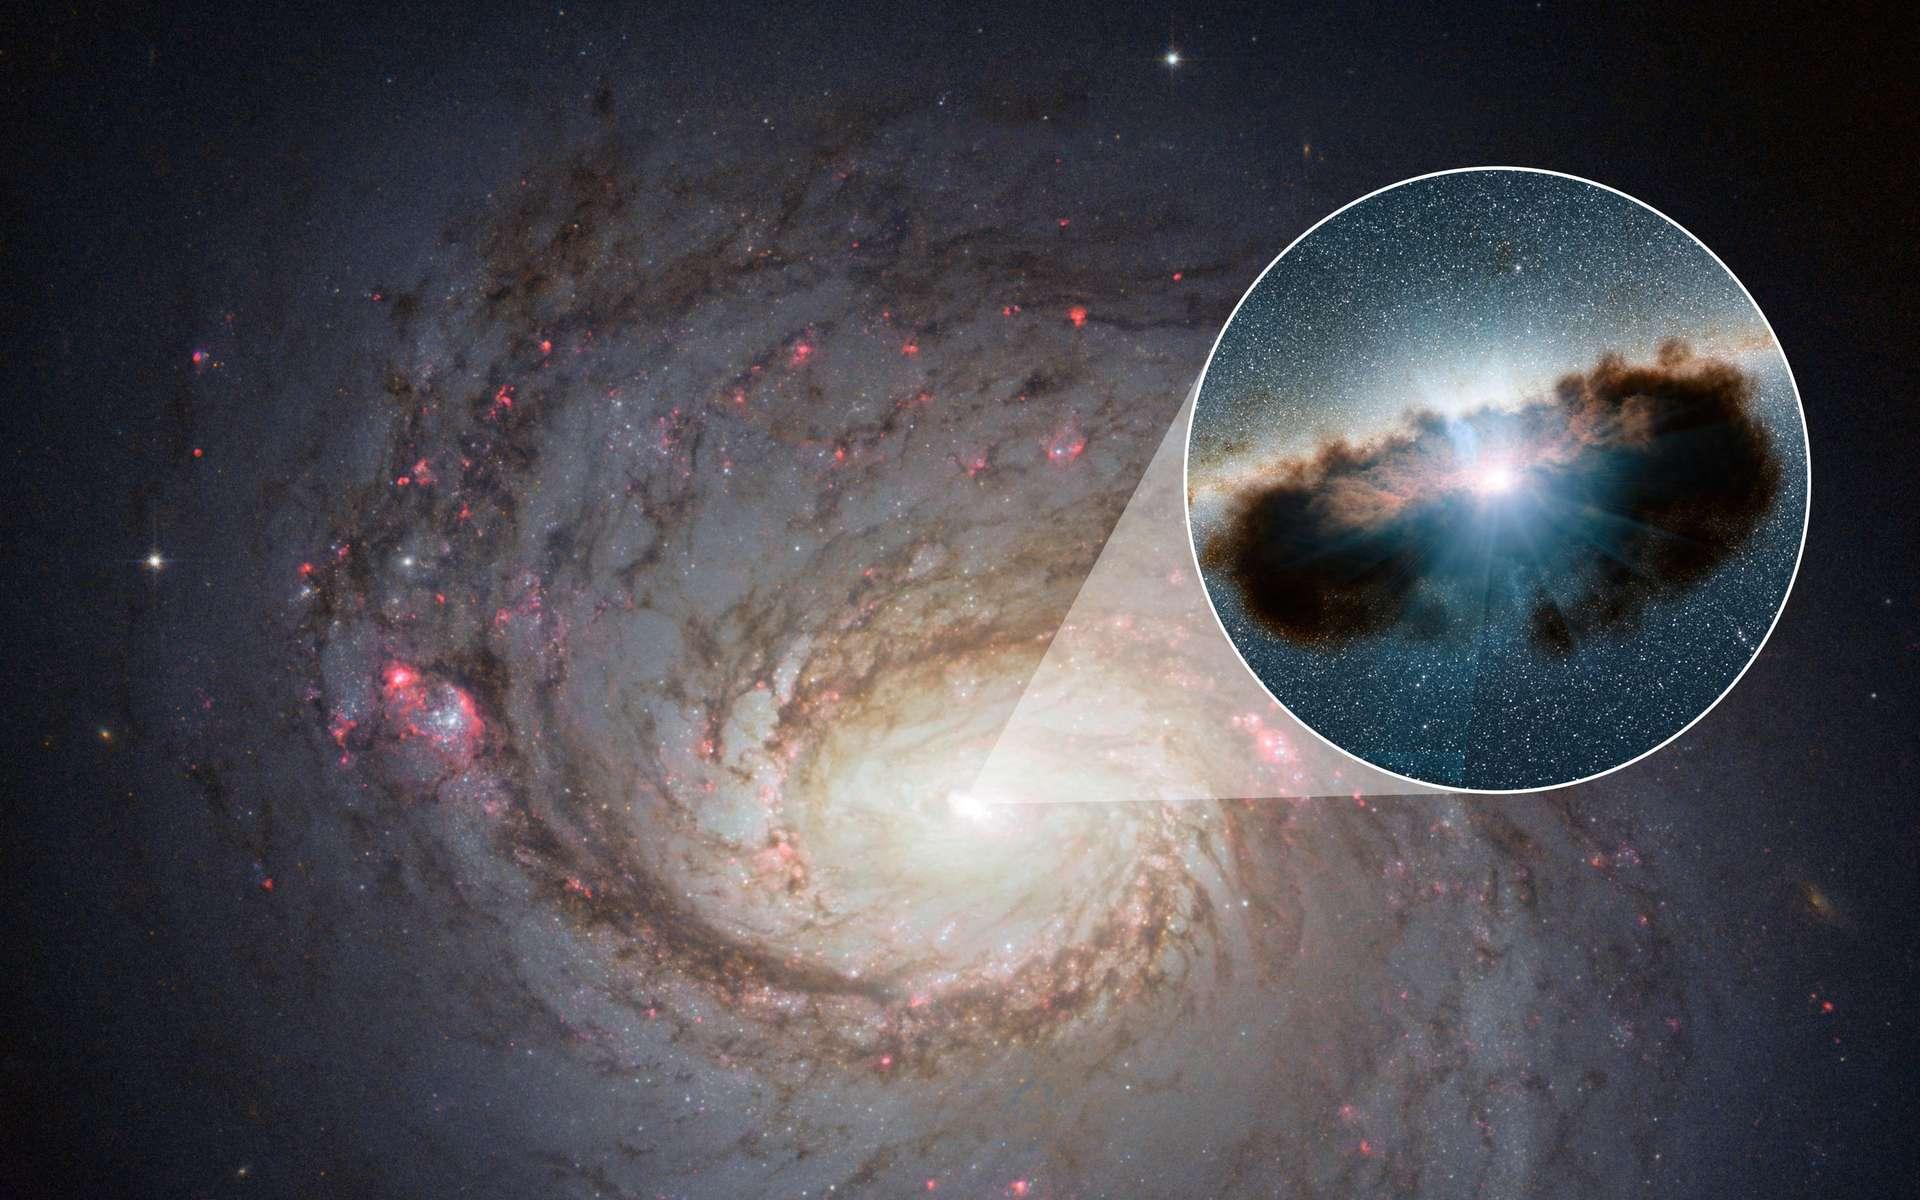 Une vue d'artiste du trou noir supermassif entouré de son tore de poussière à l'intérieur de la galaxie NGC 1068. © Nasa